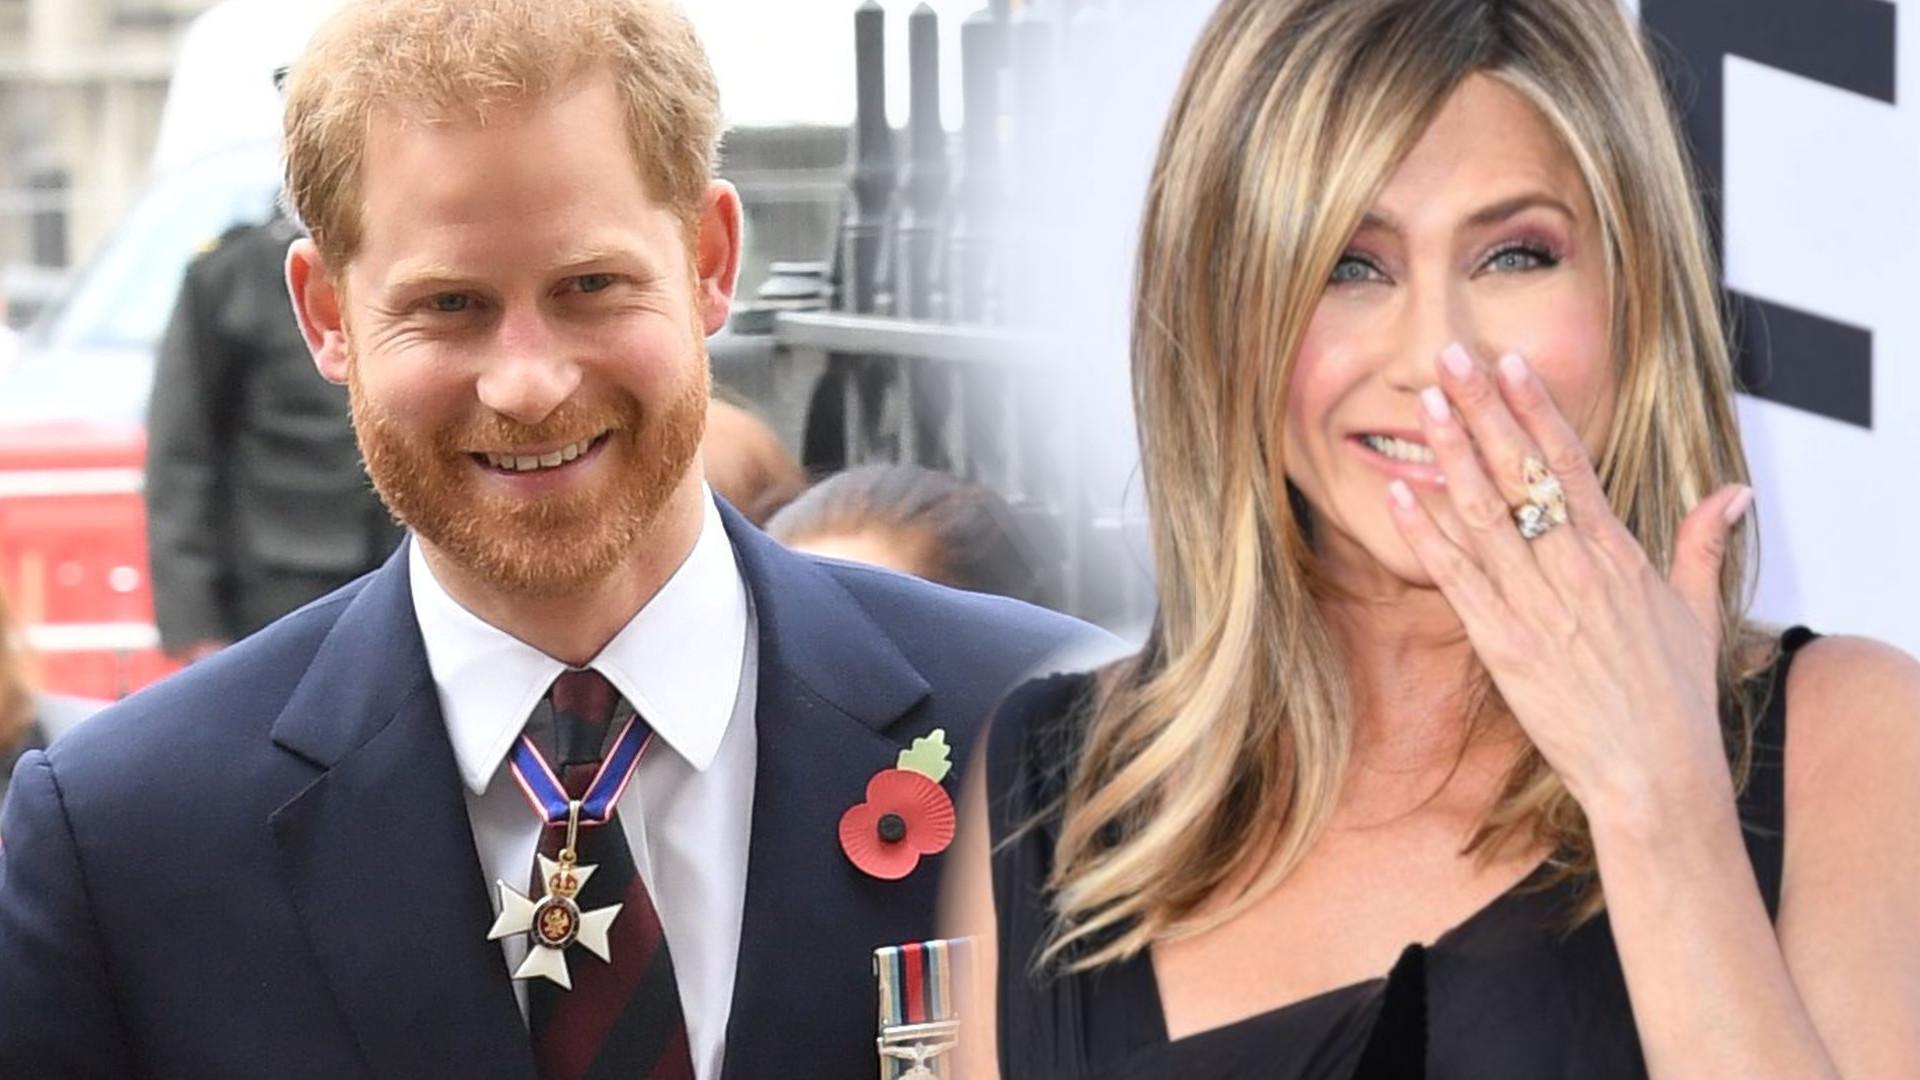 Co łączyło księcia Harry'ego i Jennifer Aniston? Wyszło na jaw, że wysyłał jej SMS-y